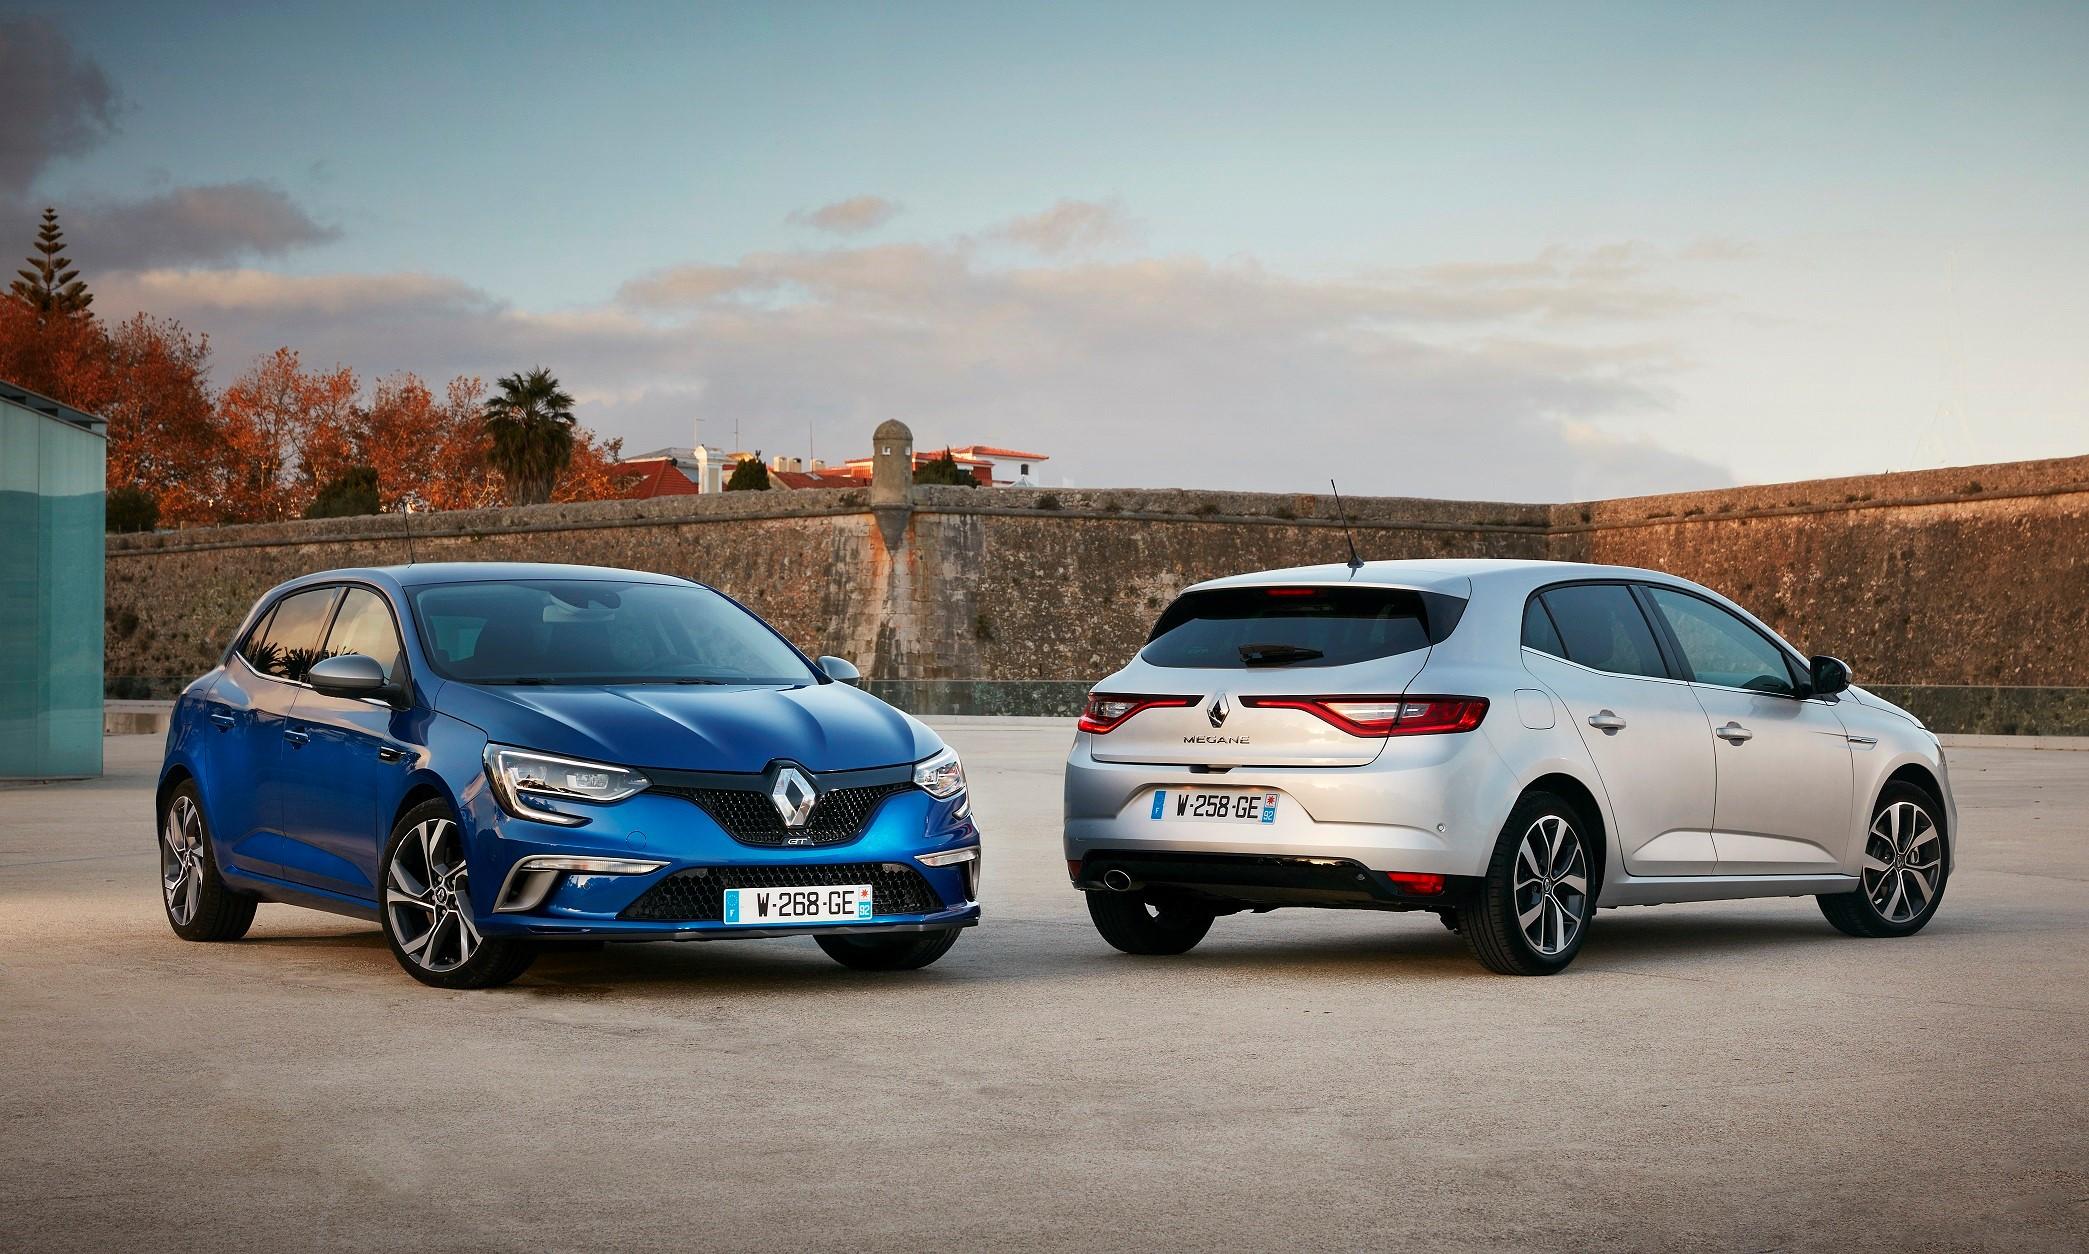 Renault Nuova Mégane